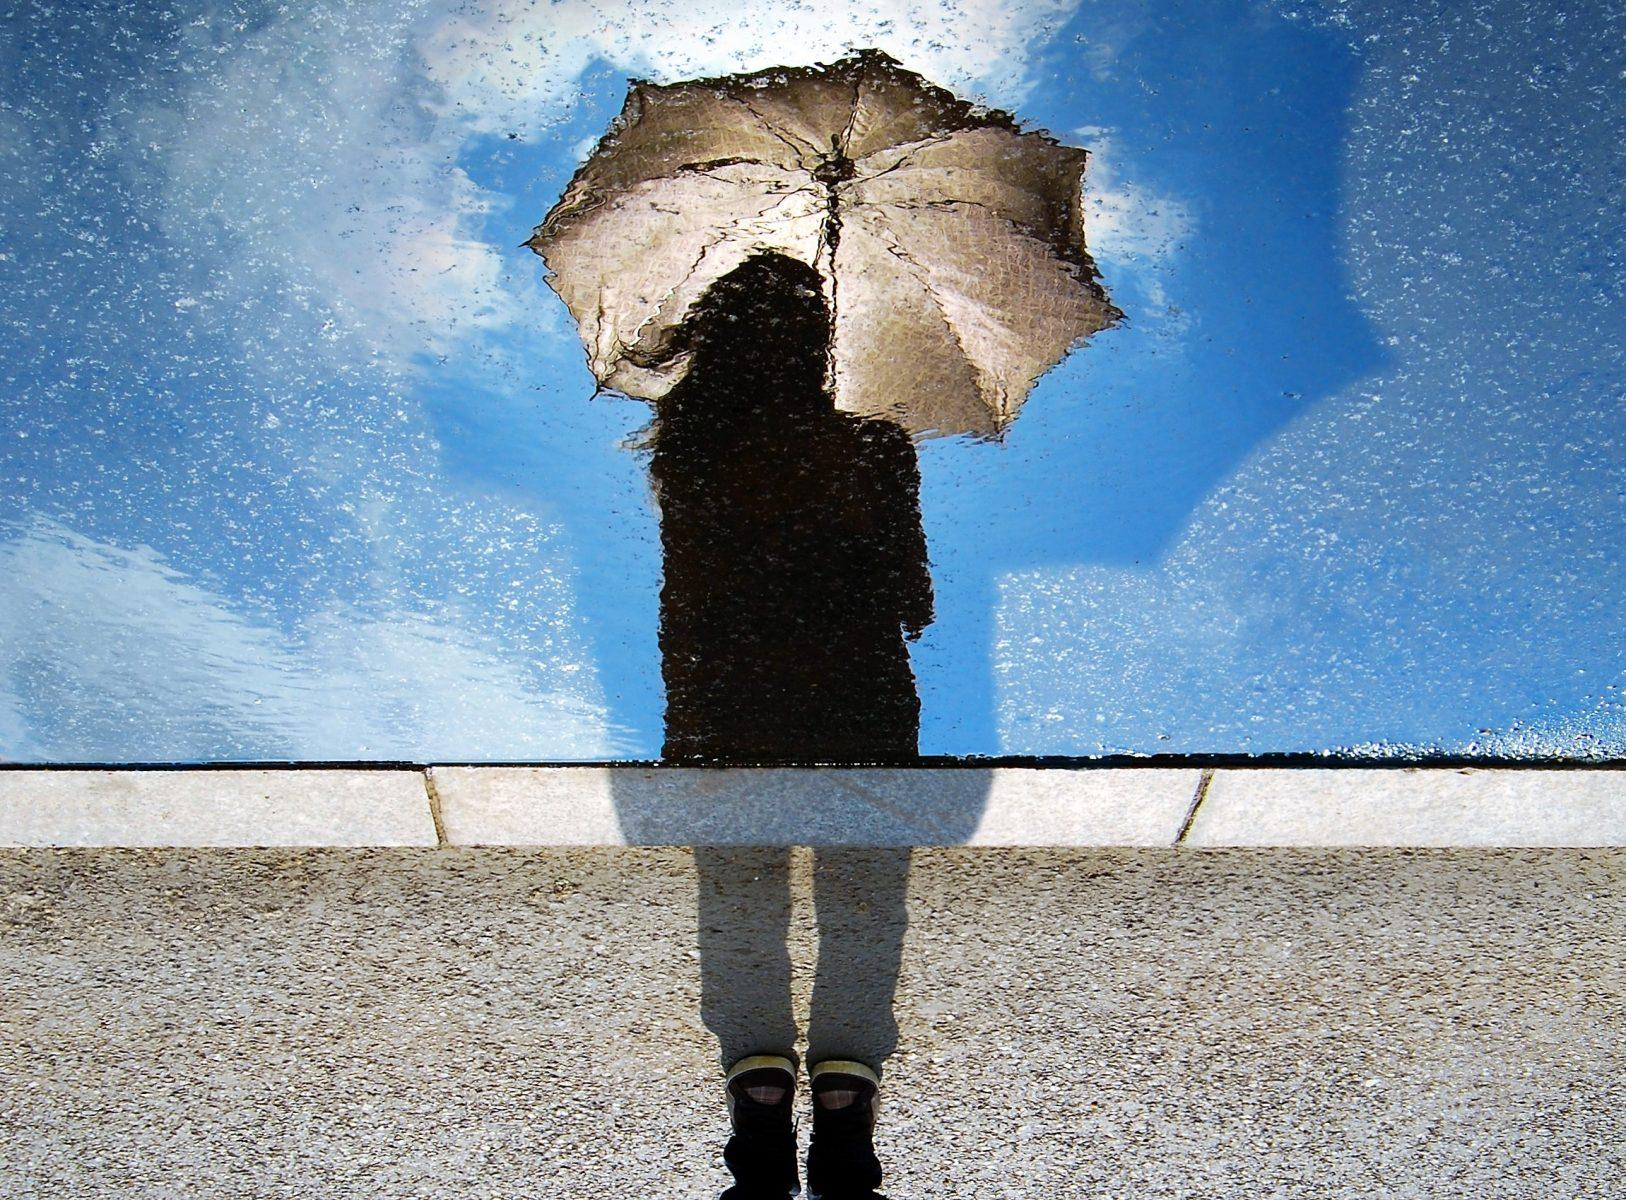 Ψυχολογία: Η αποδοχή της απογοήτευσης μας βοηθά να ωριμάσουμε